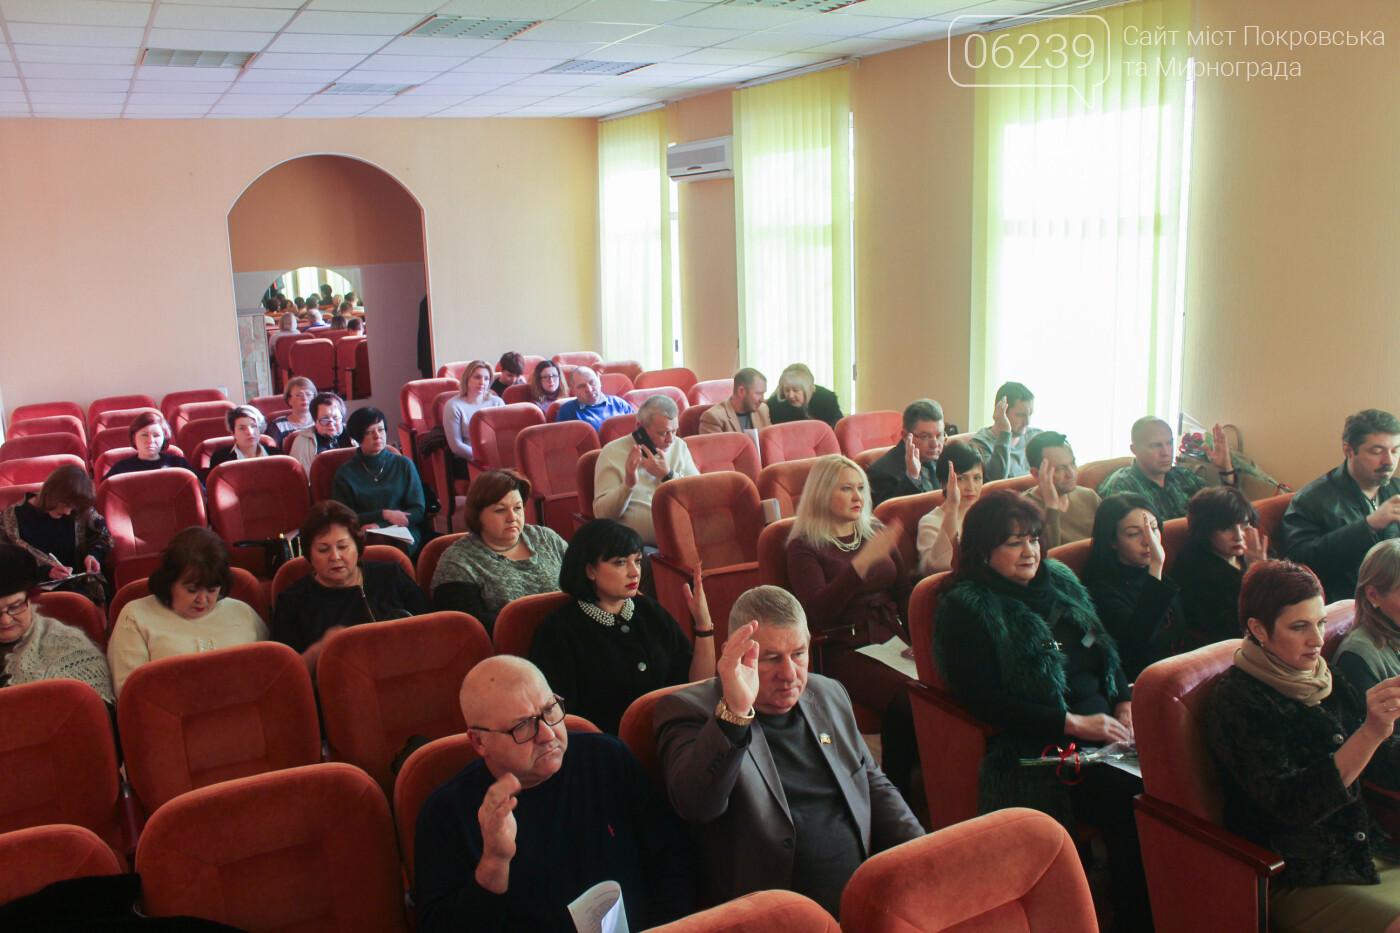 В Мирнограде больным на туберкулёз будет выделяться ежемесячная помощь в виде продуктовых наборов, фото-1